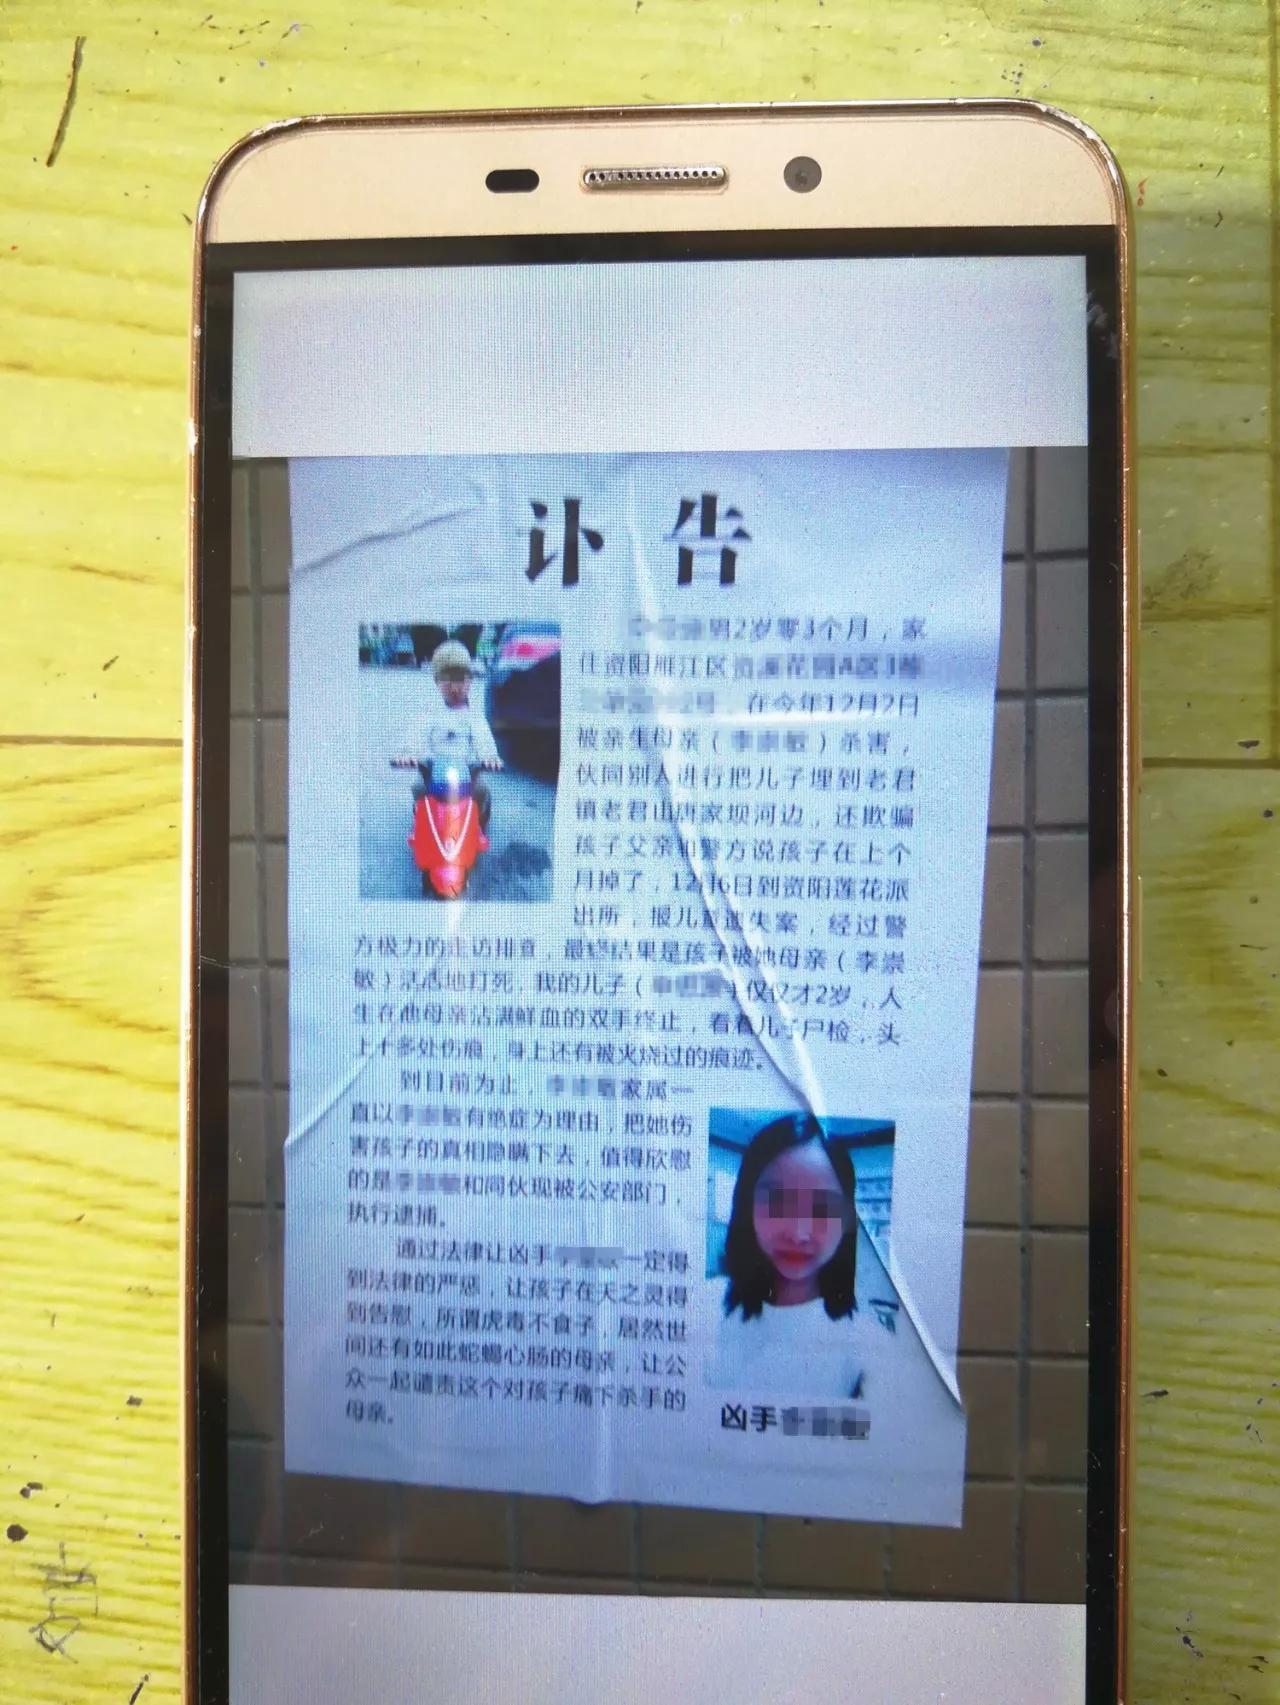 2岁男孩被生母杀害,有消息称孩子疑为代孕所生